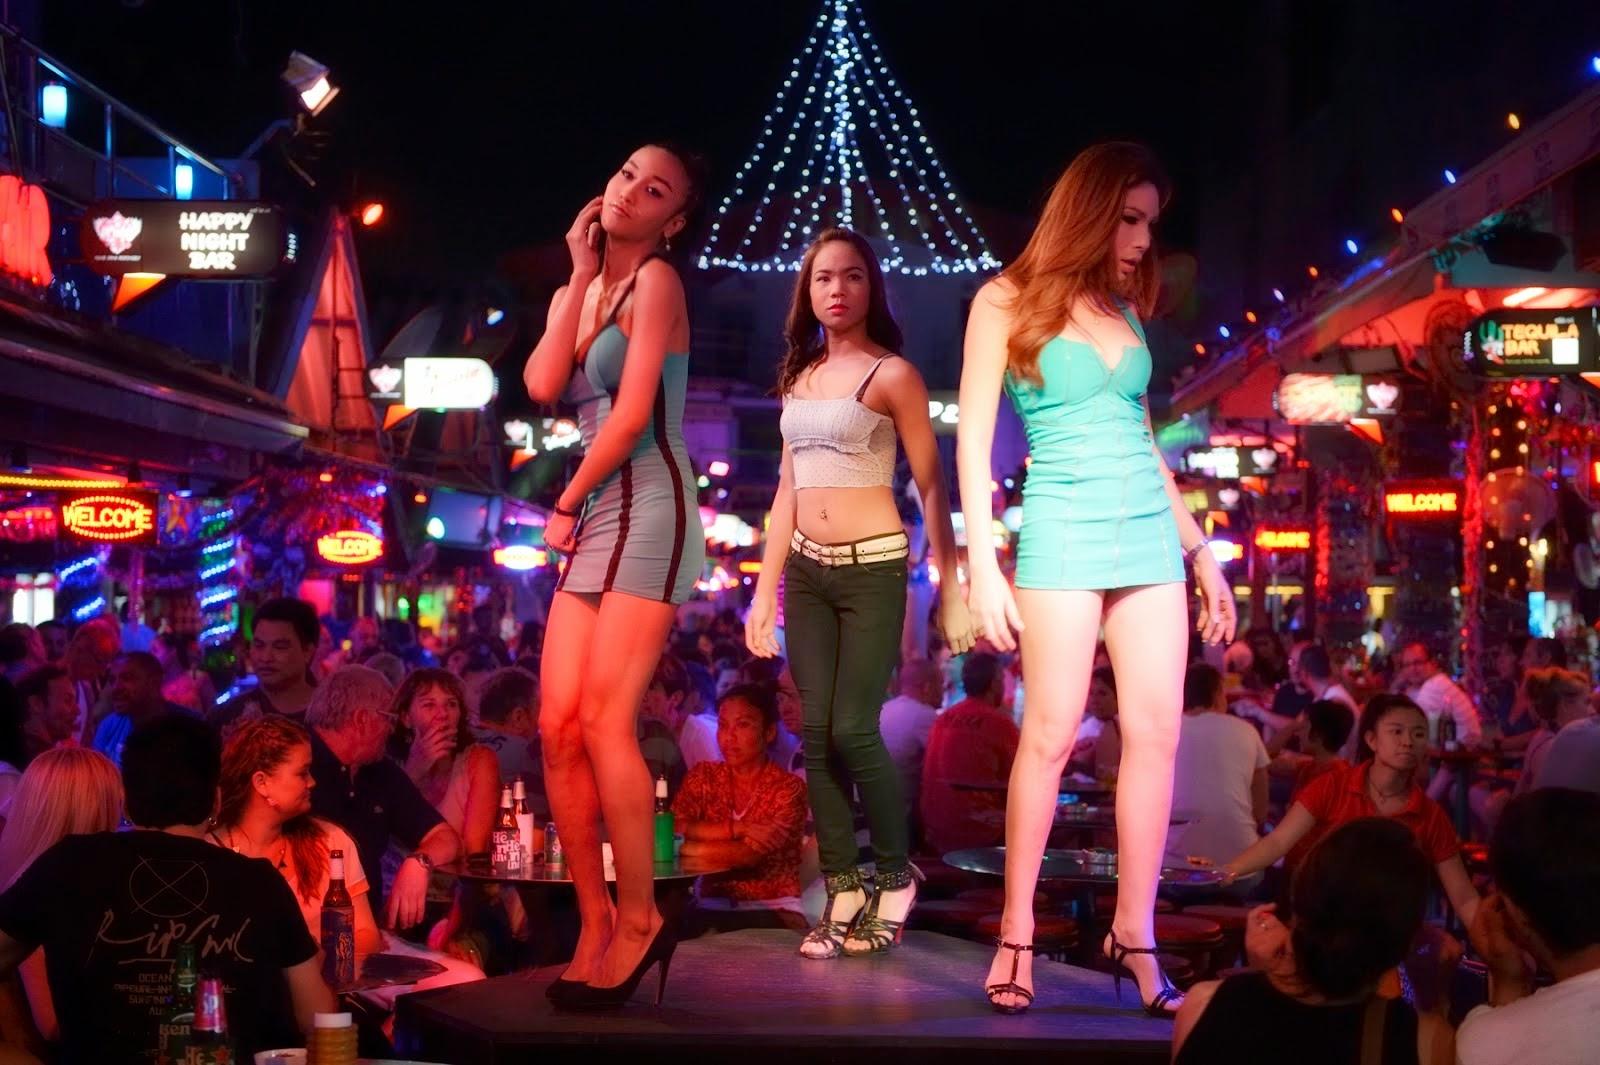 Фото с секс клуба, Клубный секс классные порно фото порева ебли онлайн 2 фотография